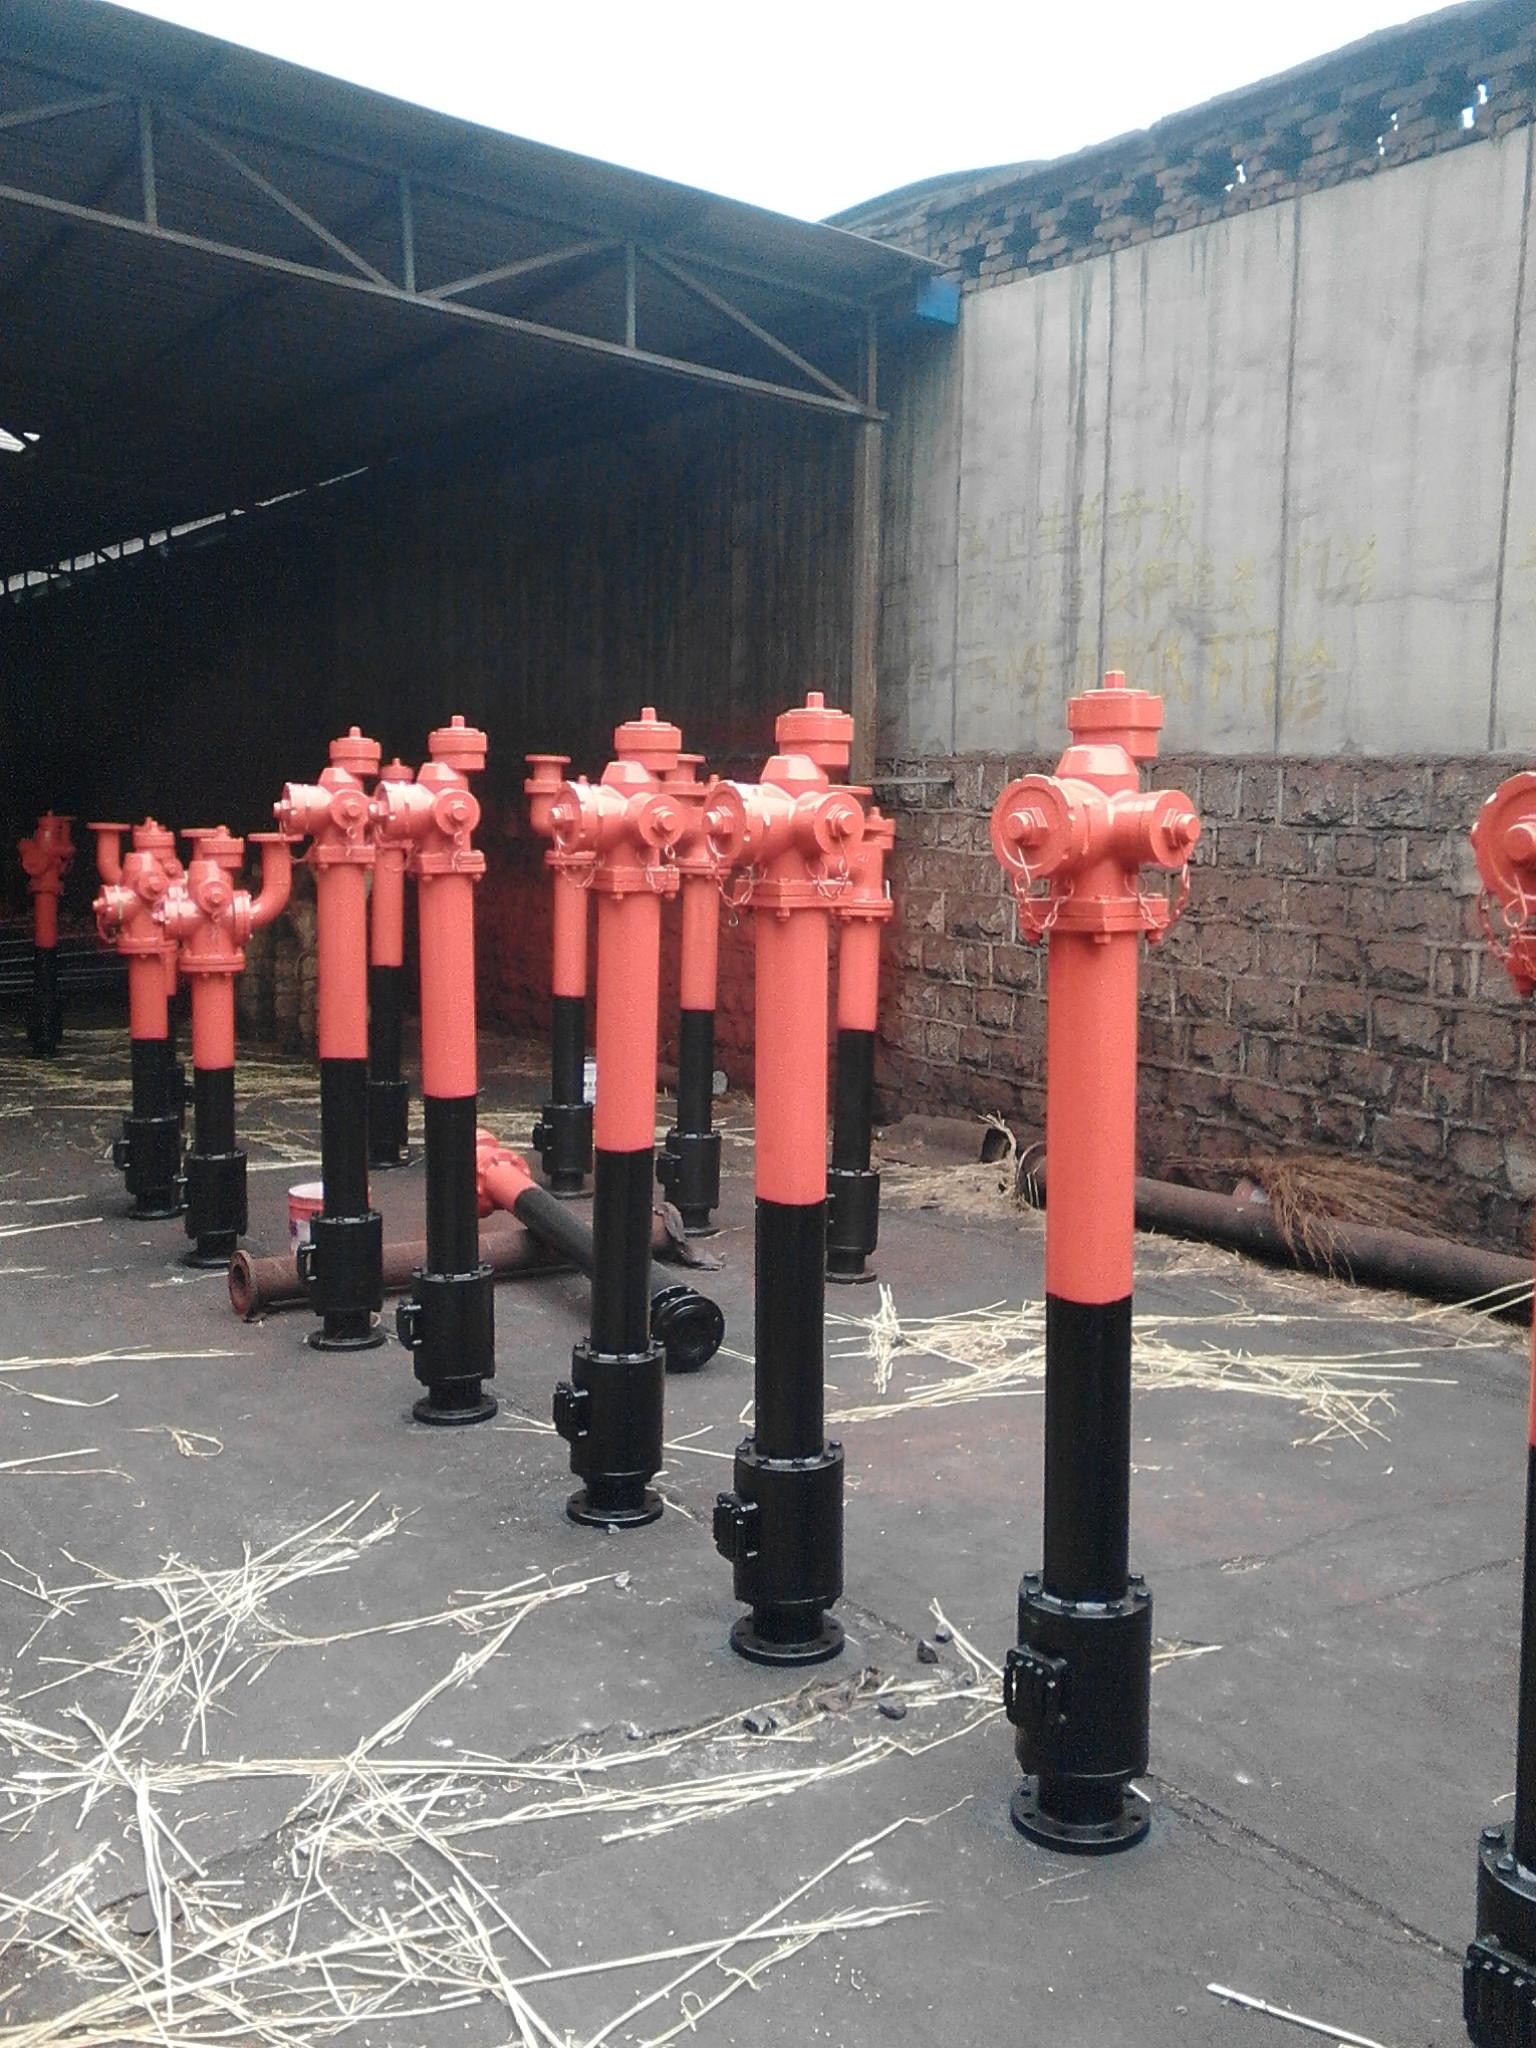 供应用于消防的SSFT150快开调压防冻防撞消火栓厂